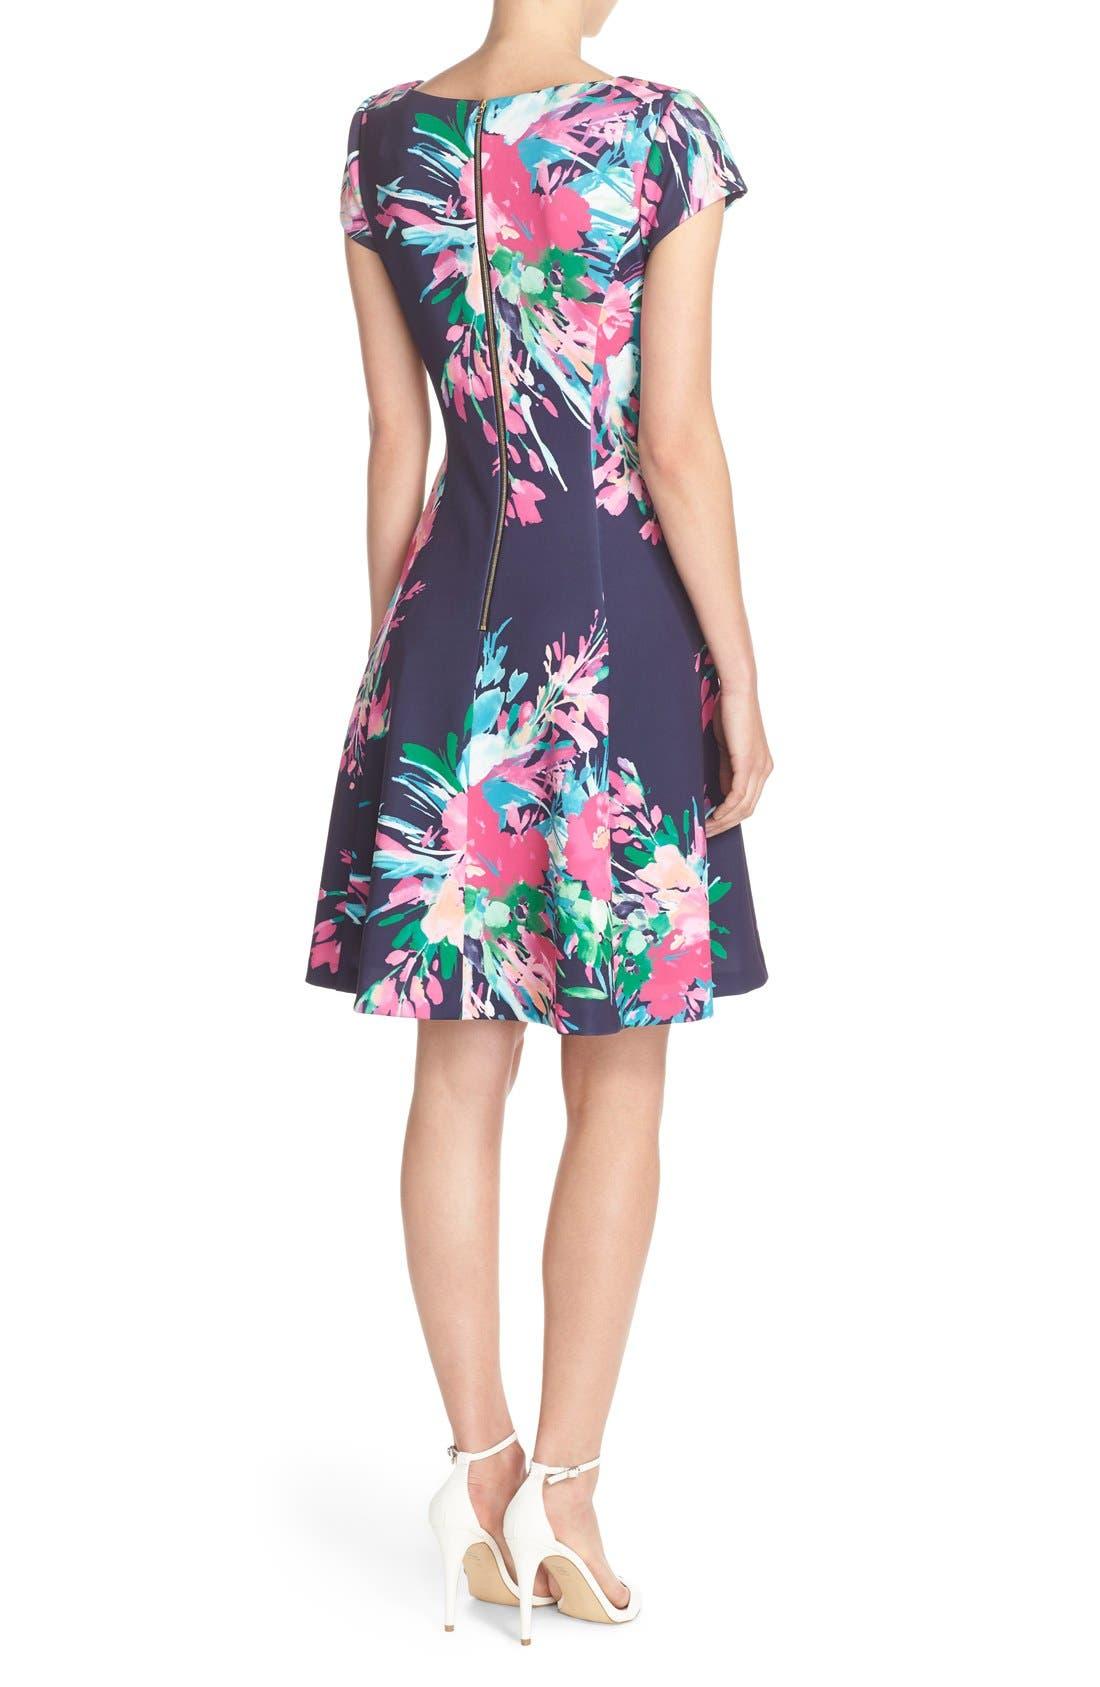 ELIZA J, Floral Print Scuba Fit & Flare Dress, Alternate thumbnail 4, color, 470